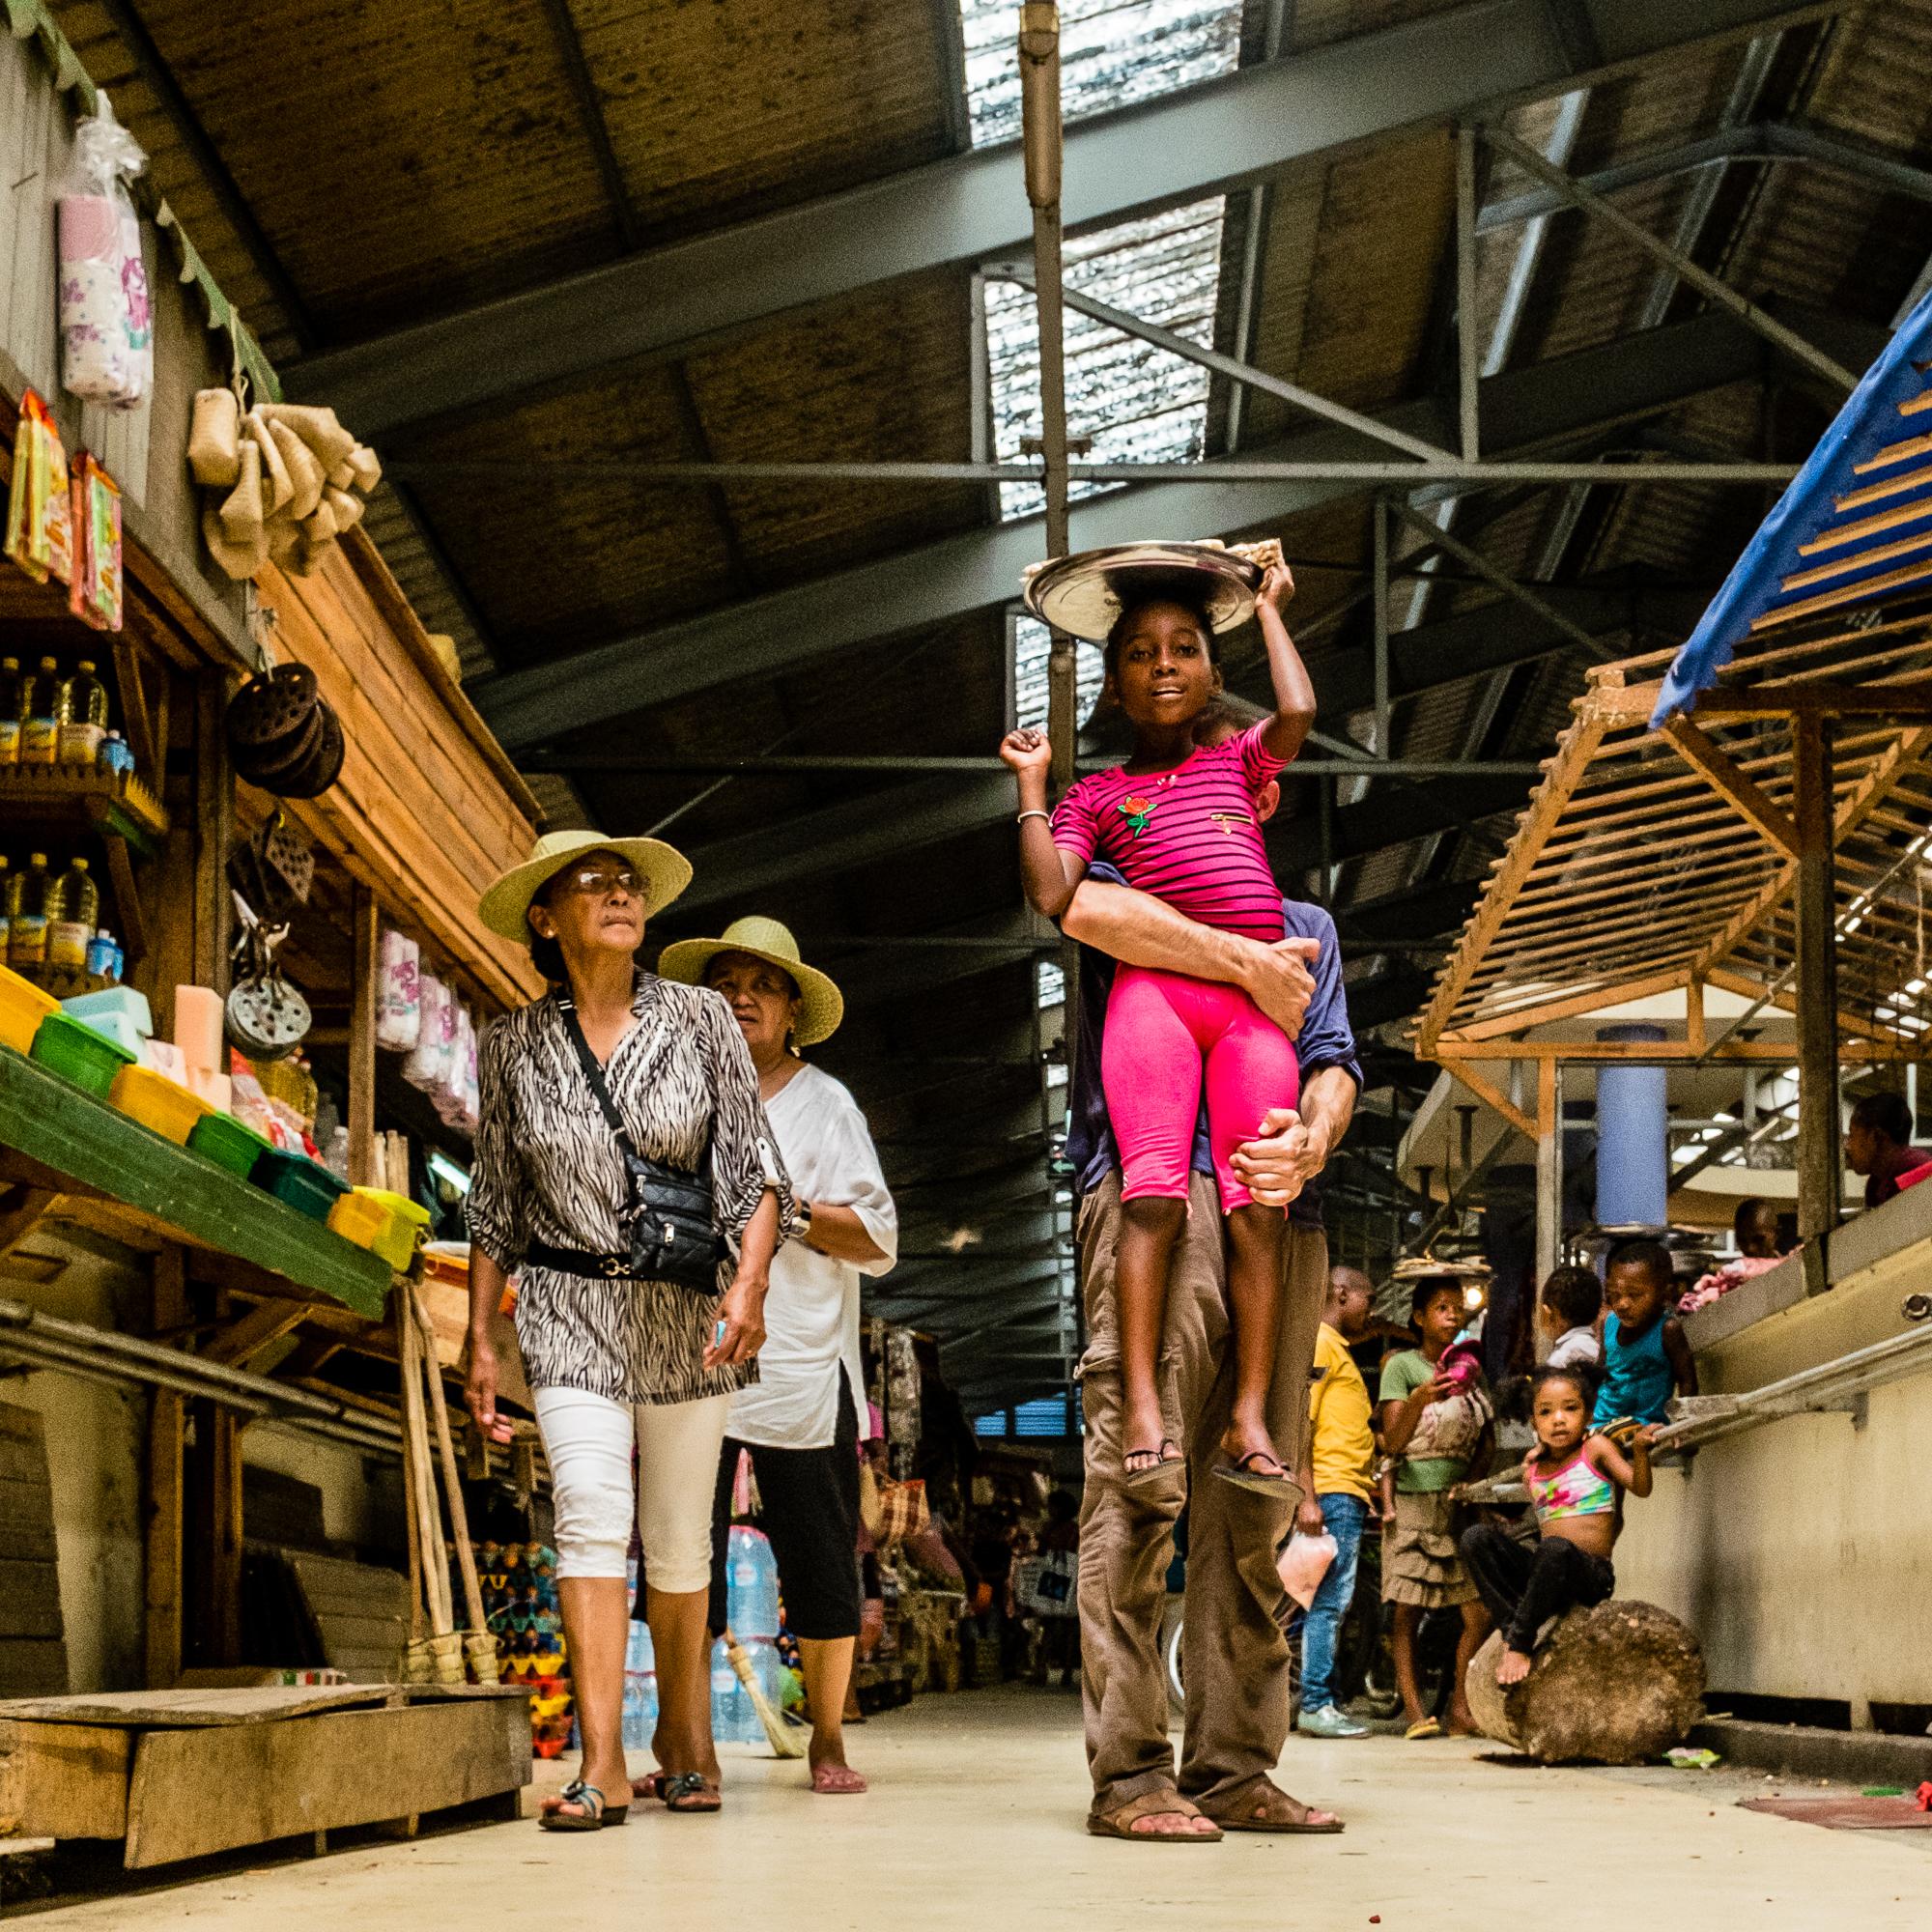 Tamatave_marché_-_Chapeaux_de_paille